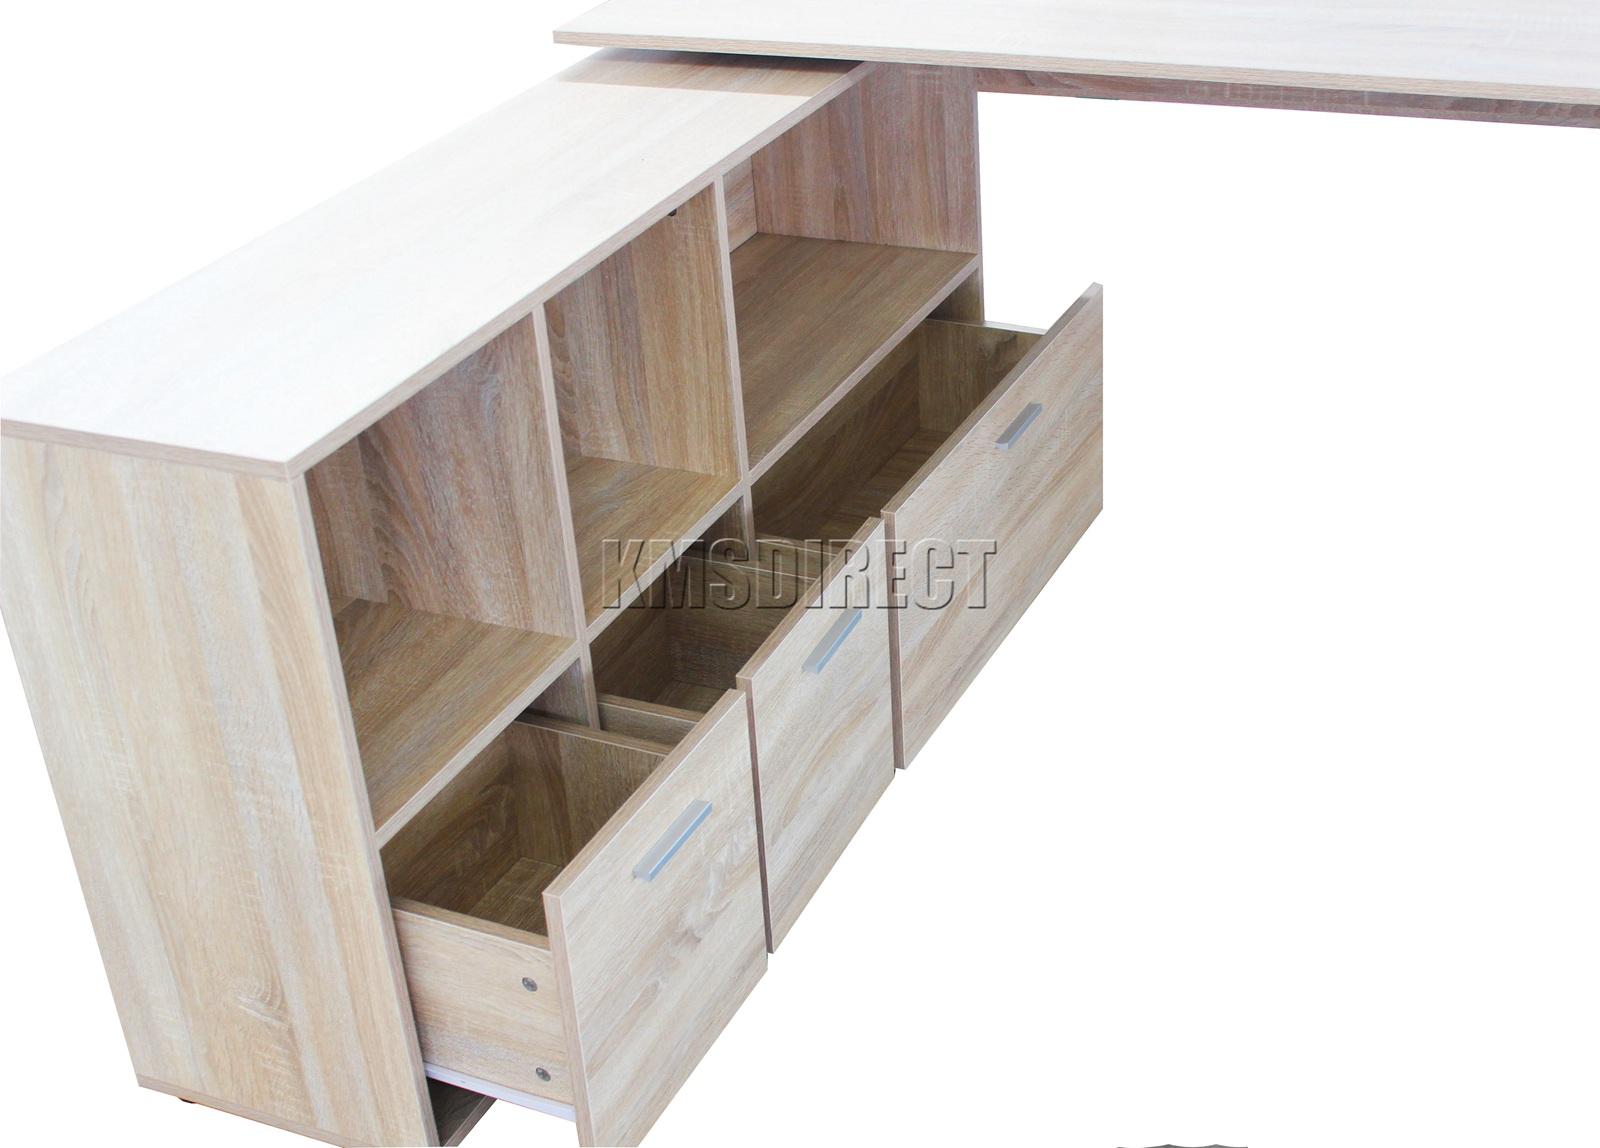 Ordinateur portable avec Écran vide blanc sur bureau bois dans